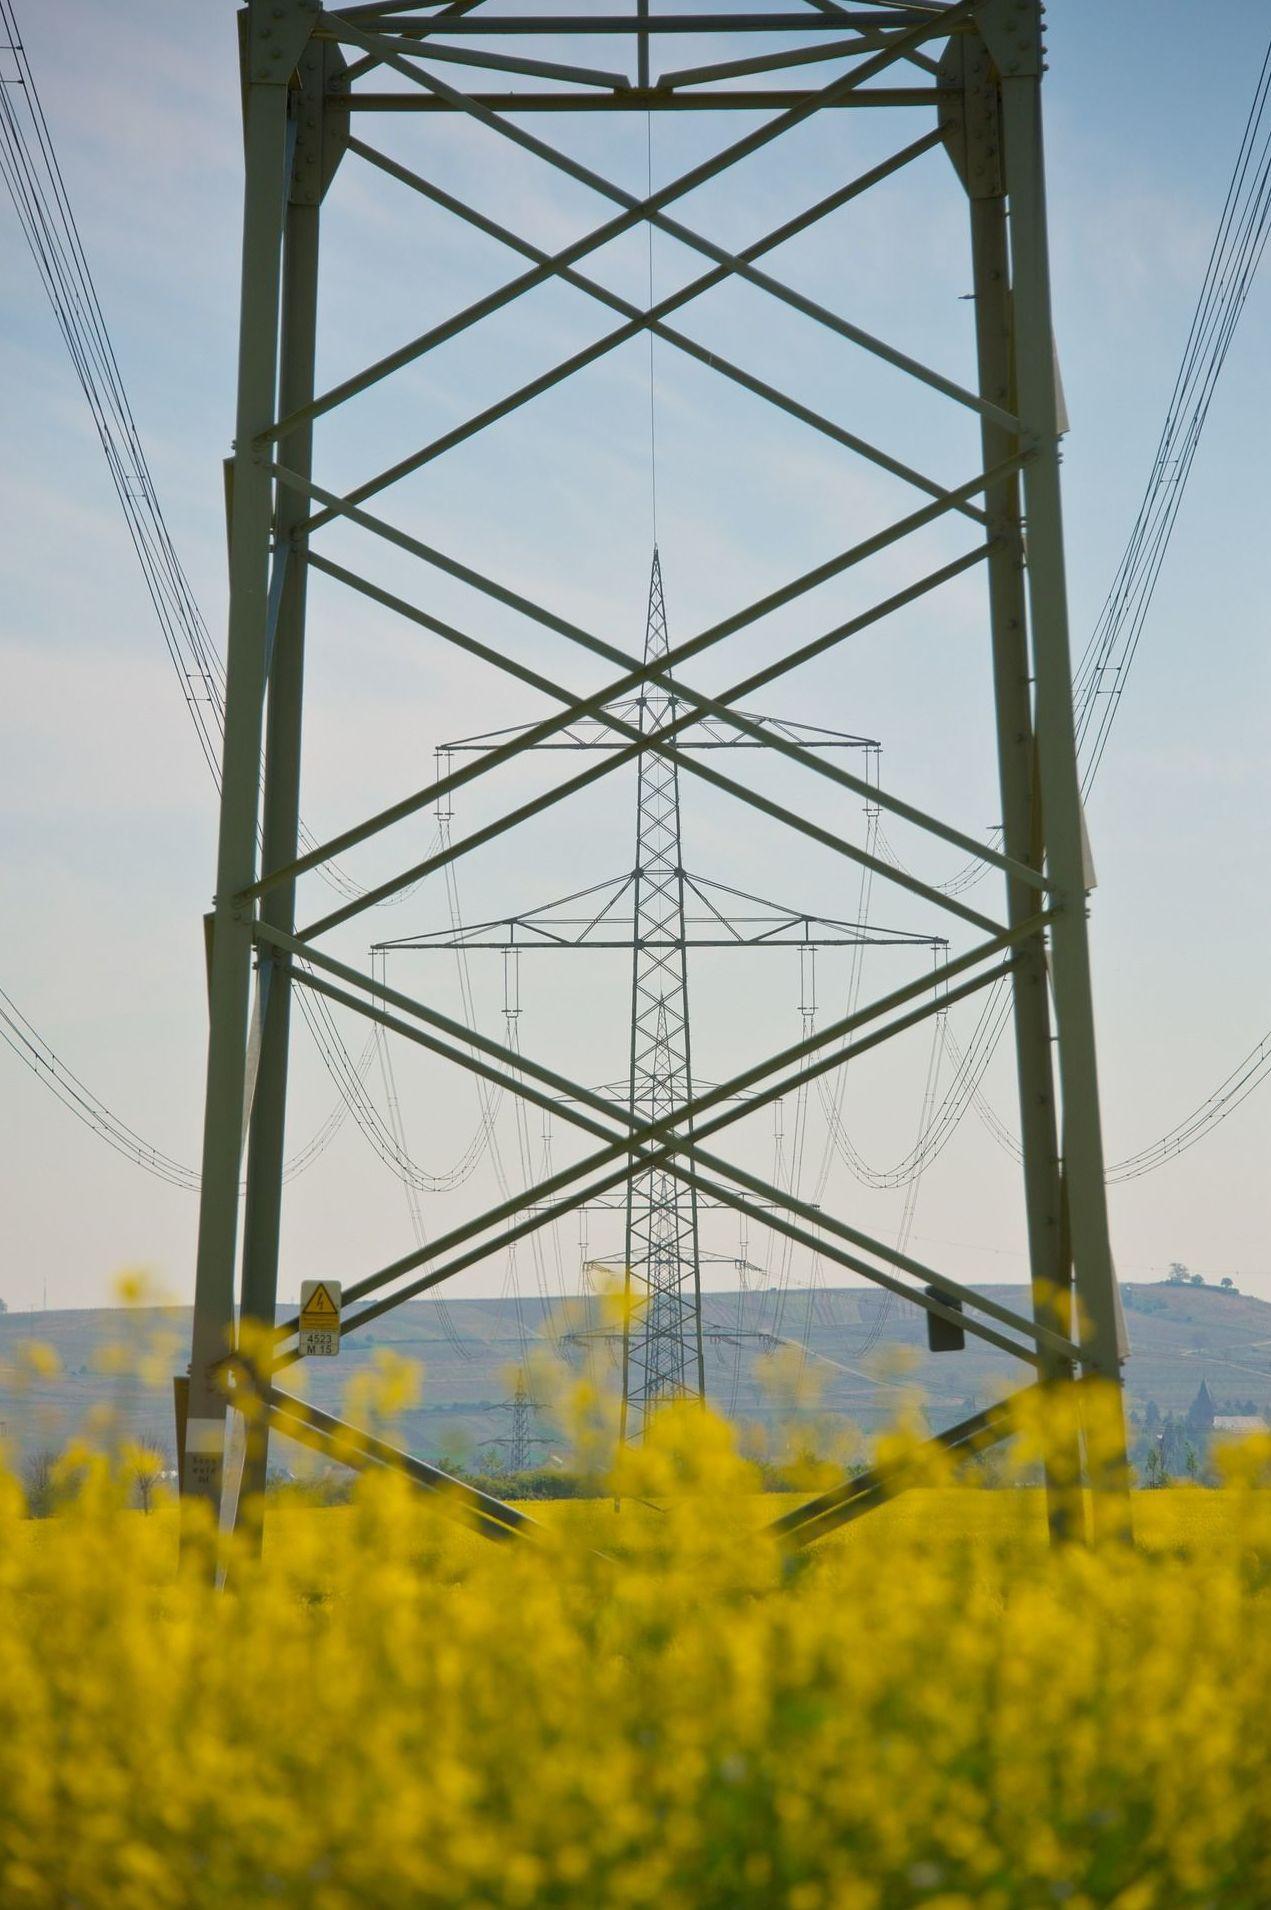 Comercializadora de energía al mejor precio